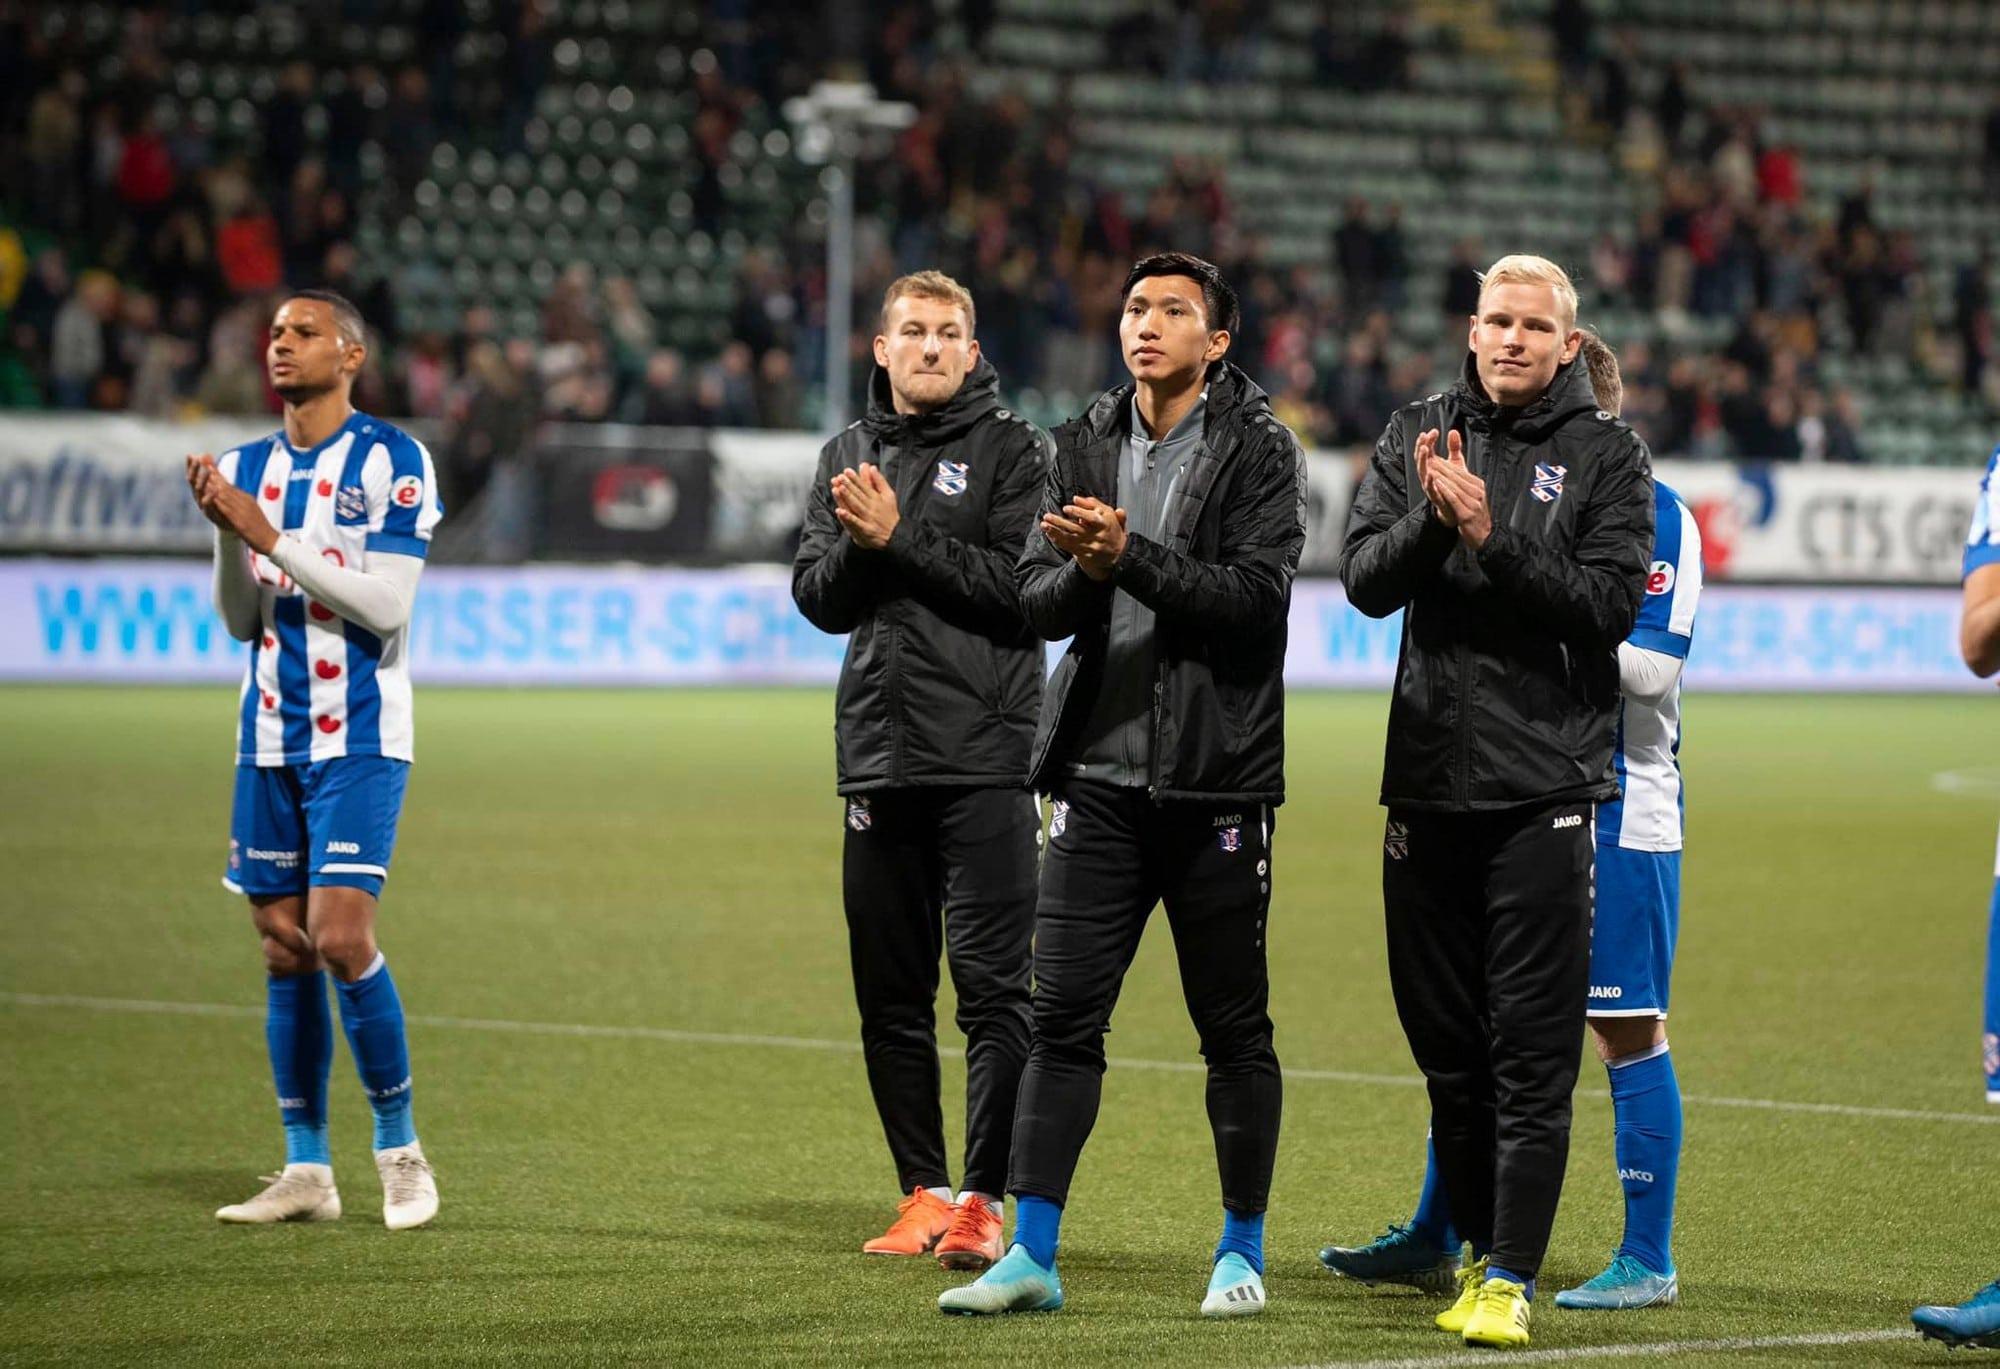 Đoàn Văn Hậu sử dụng Adidas X19+ FG xanh nhạt trắng không dây tại Heerenveen